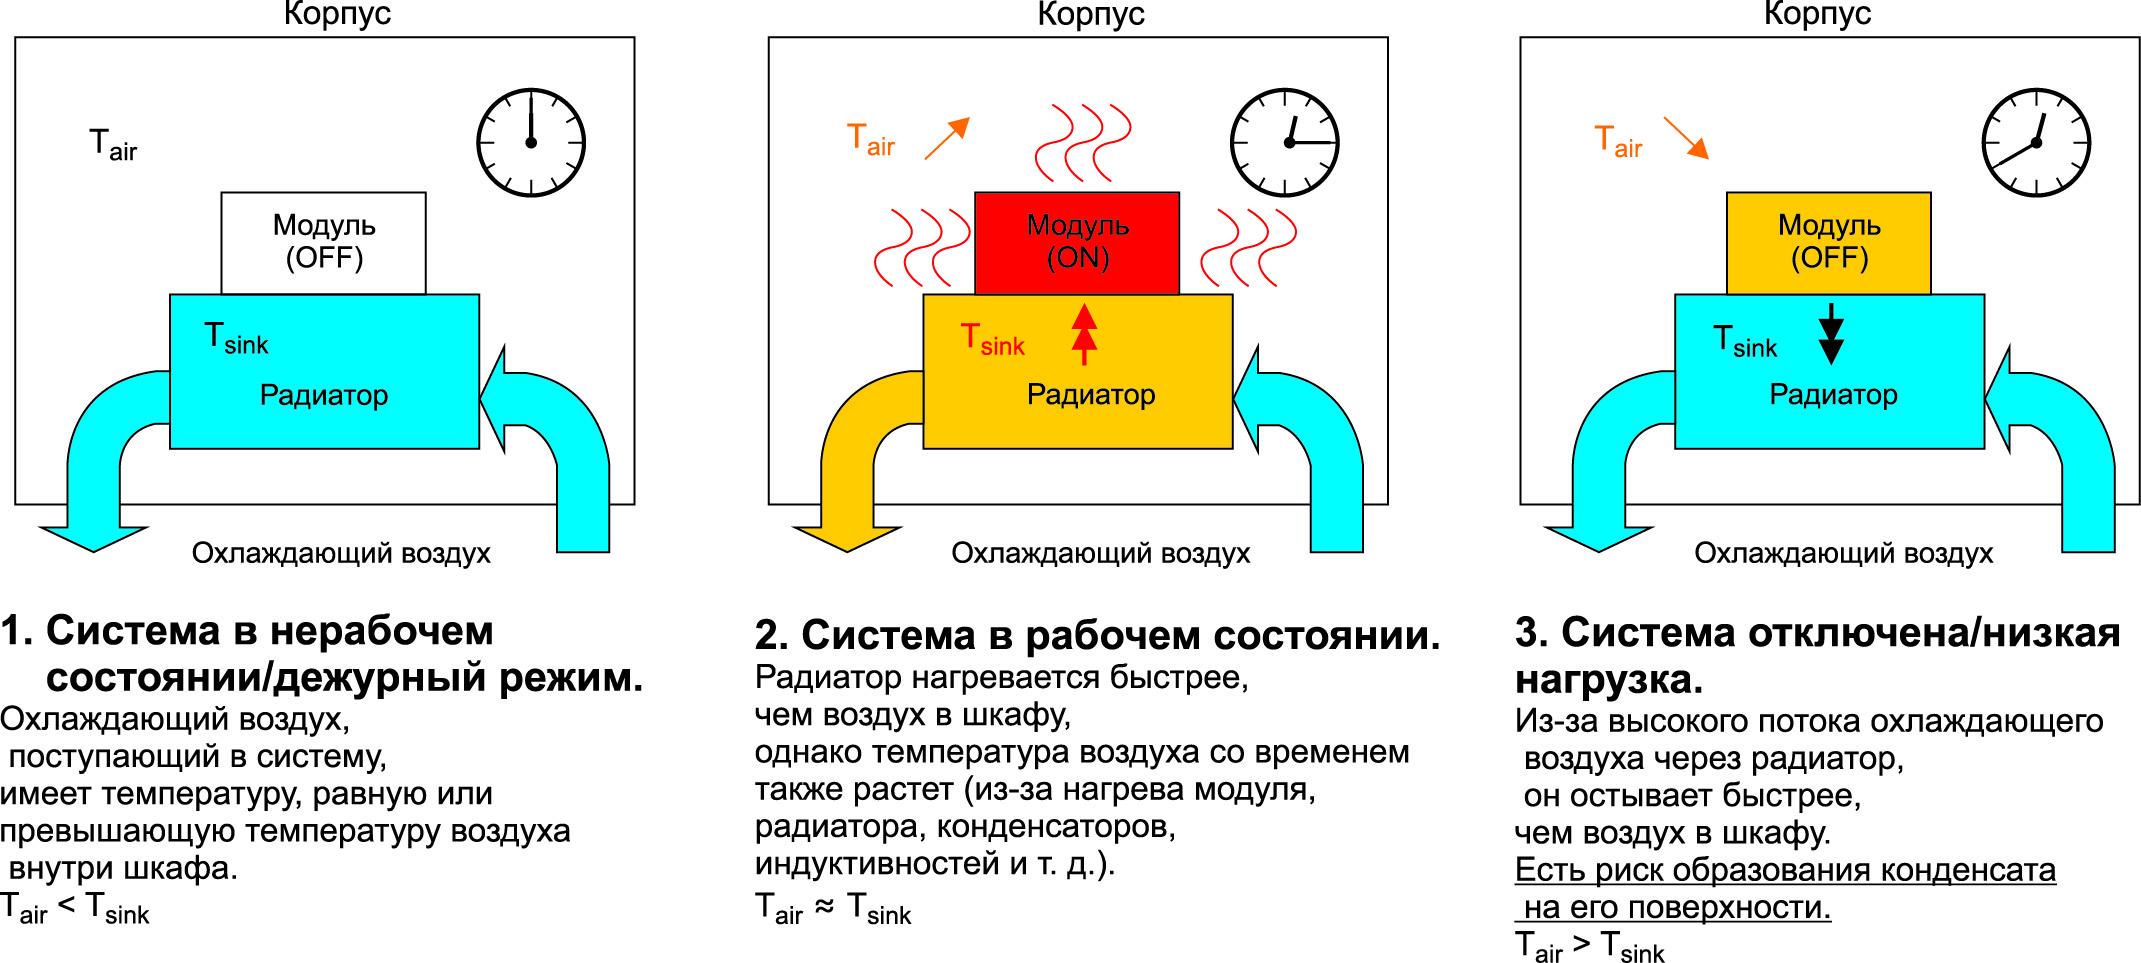 Образование разницы температур при работе системы